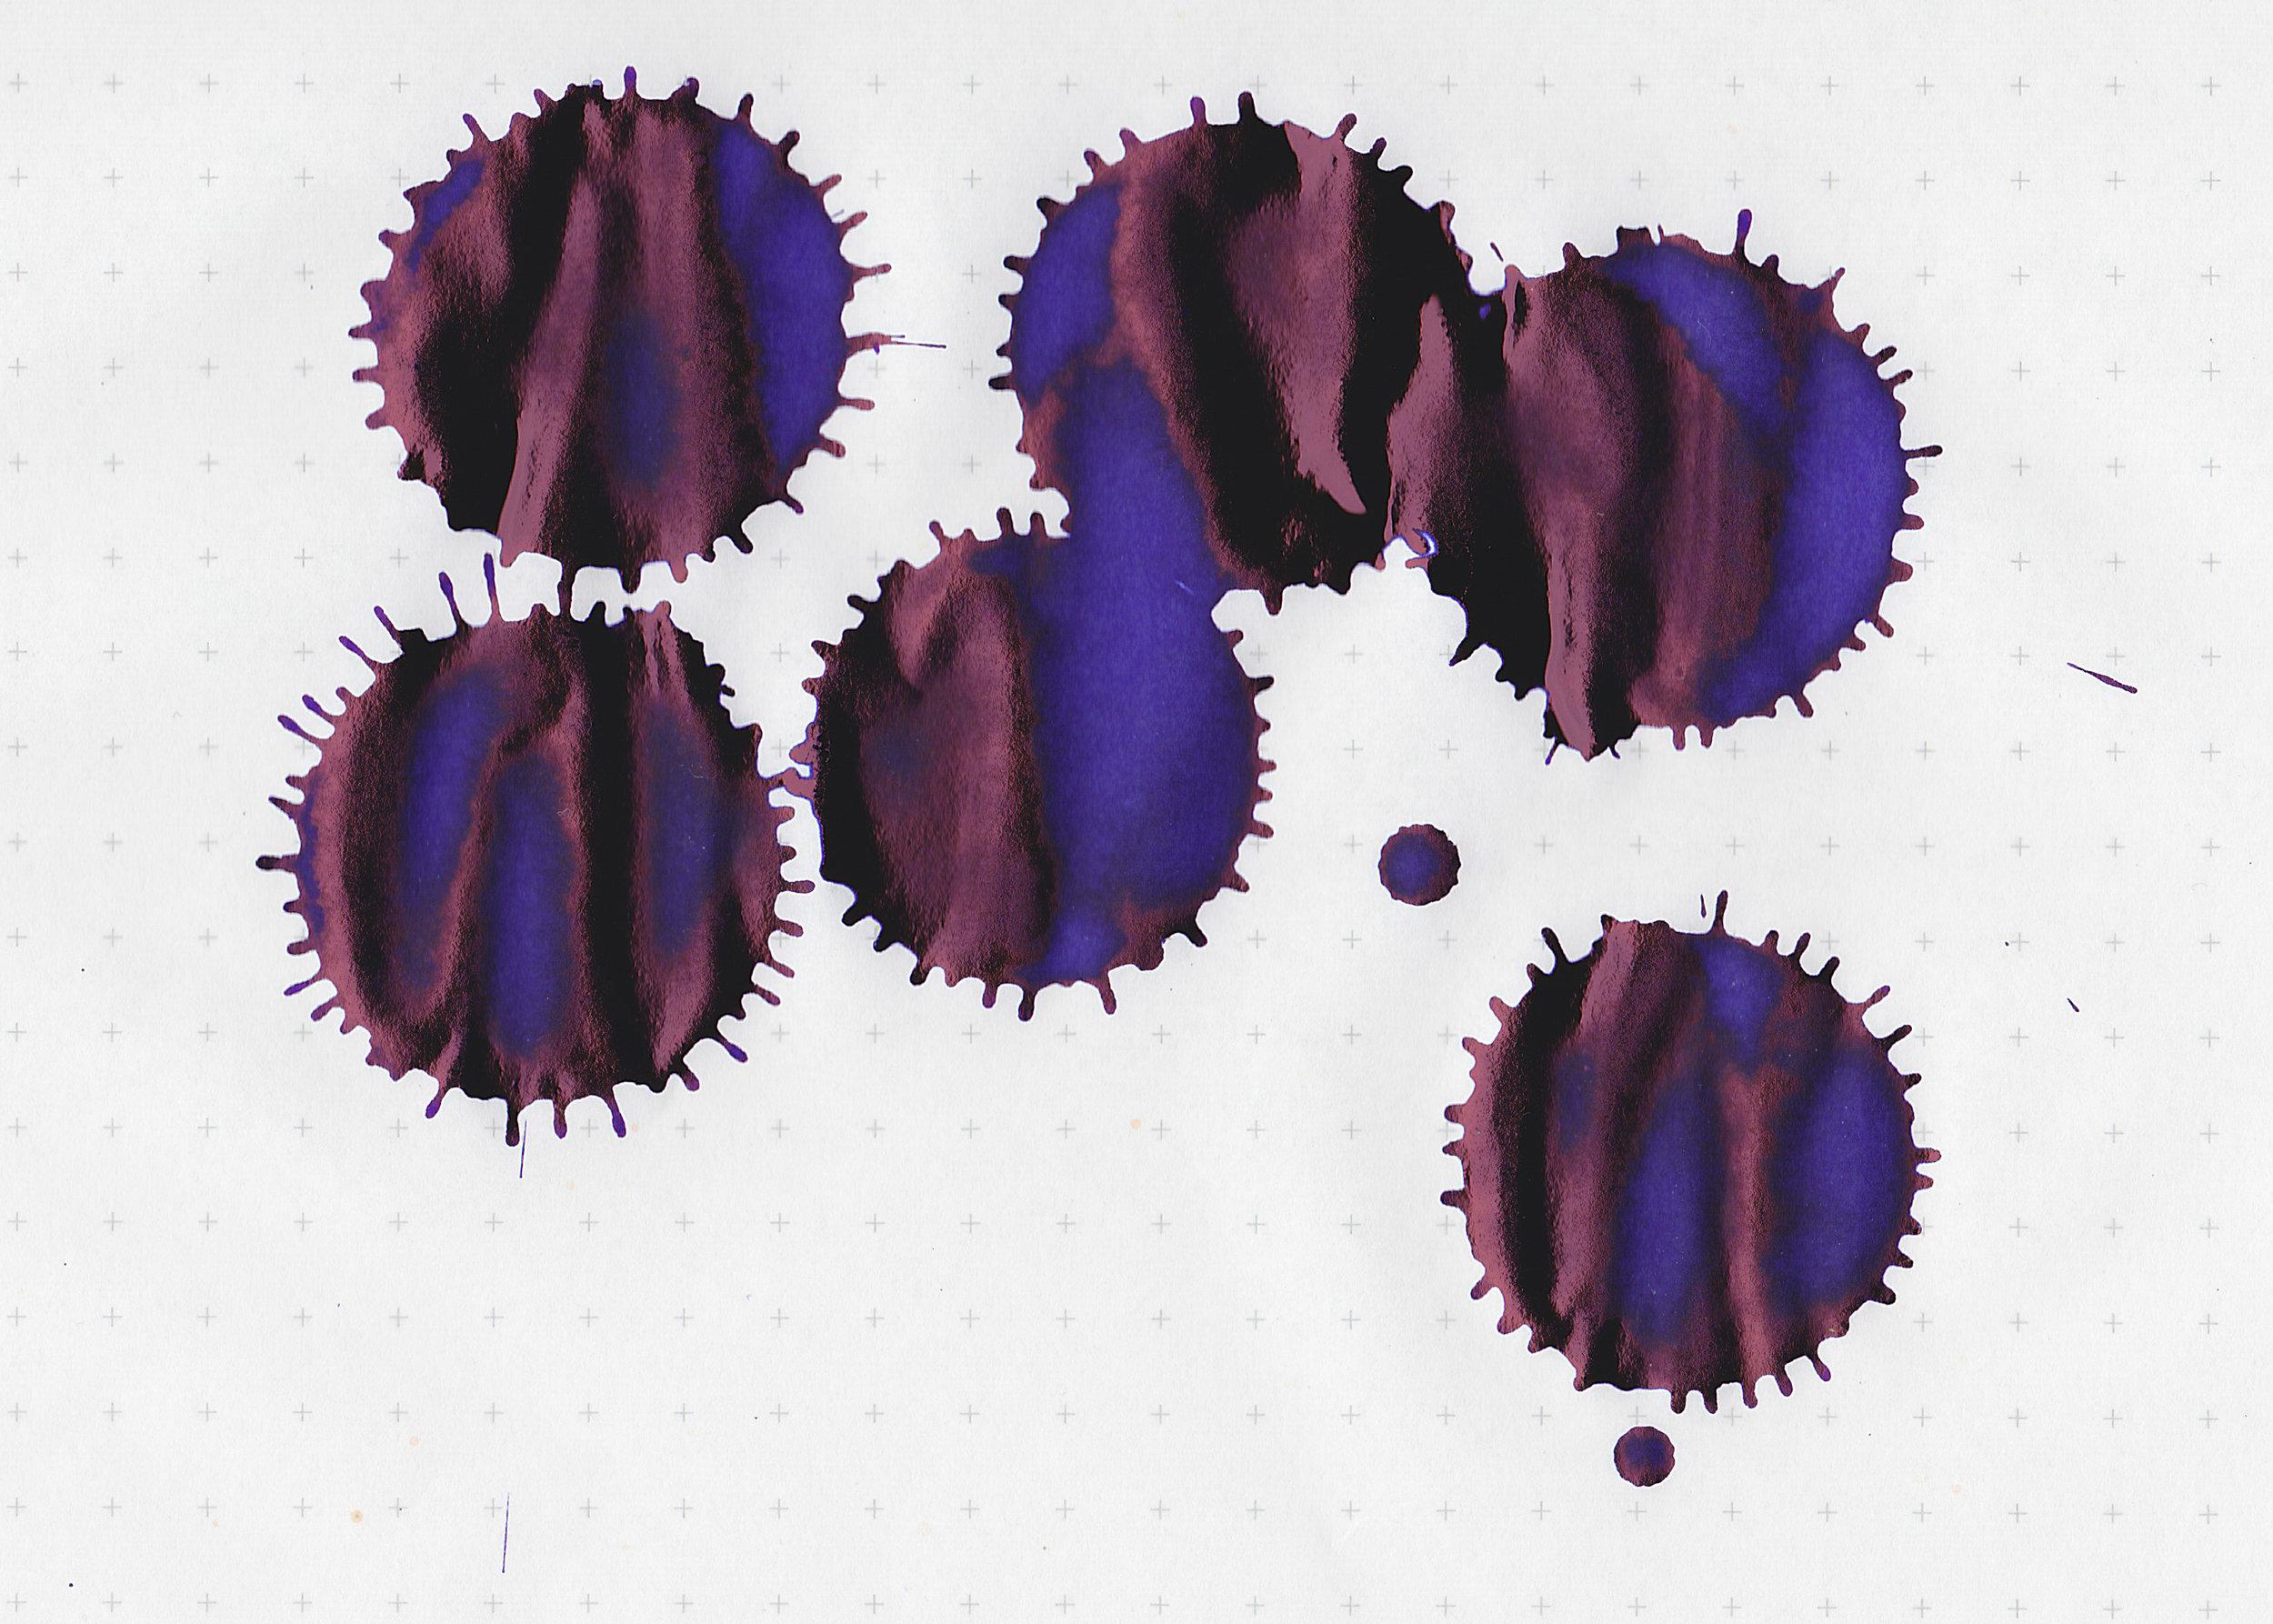 cv-quasar-12.jpg